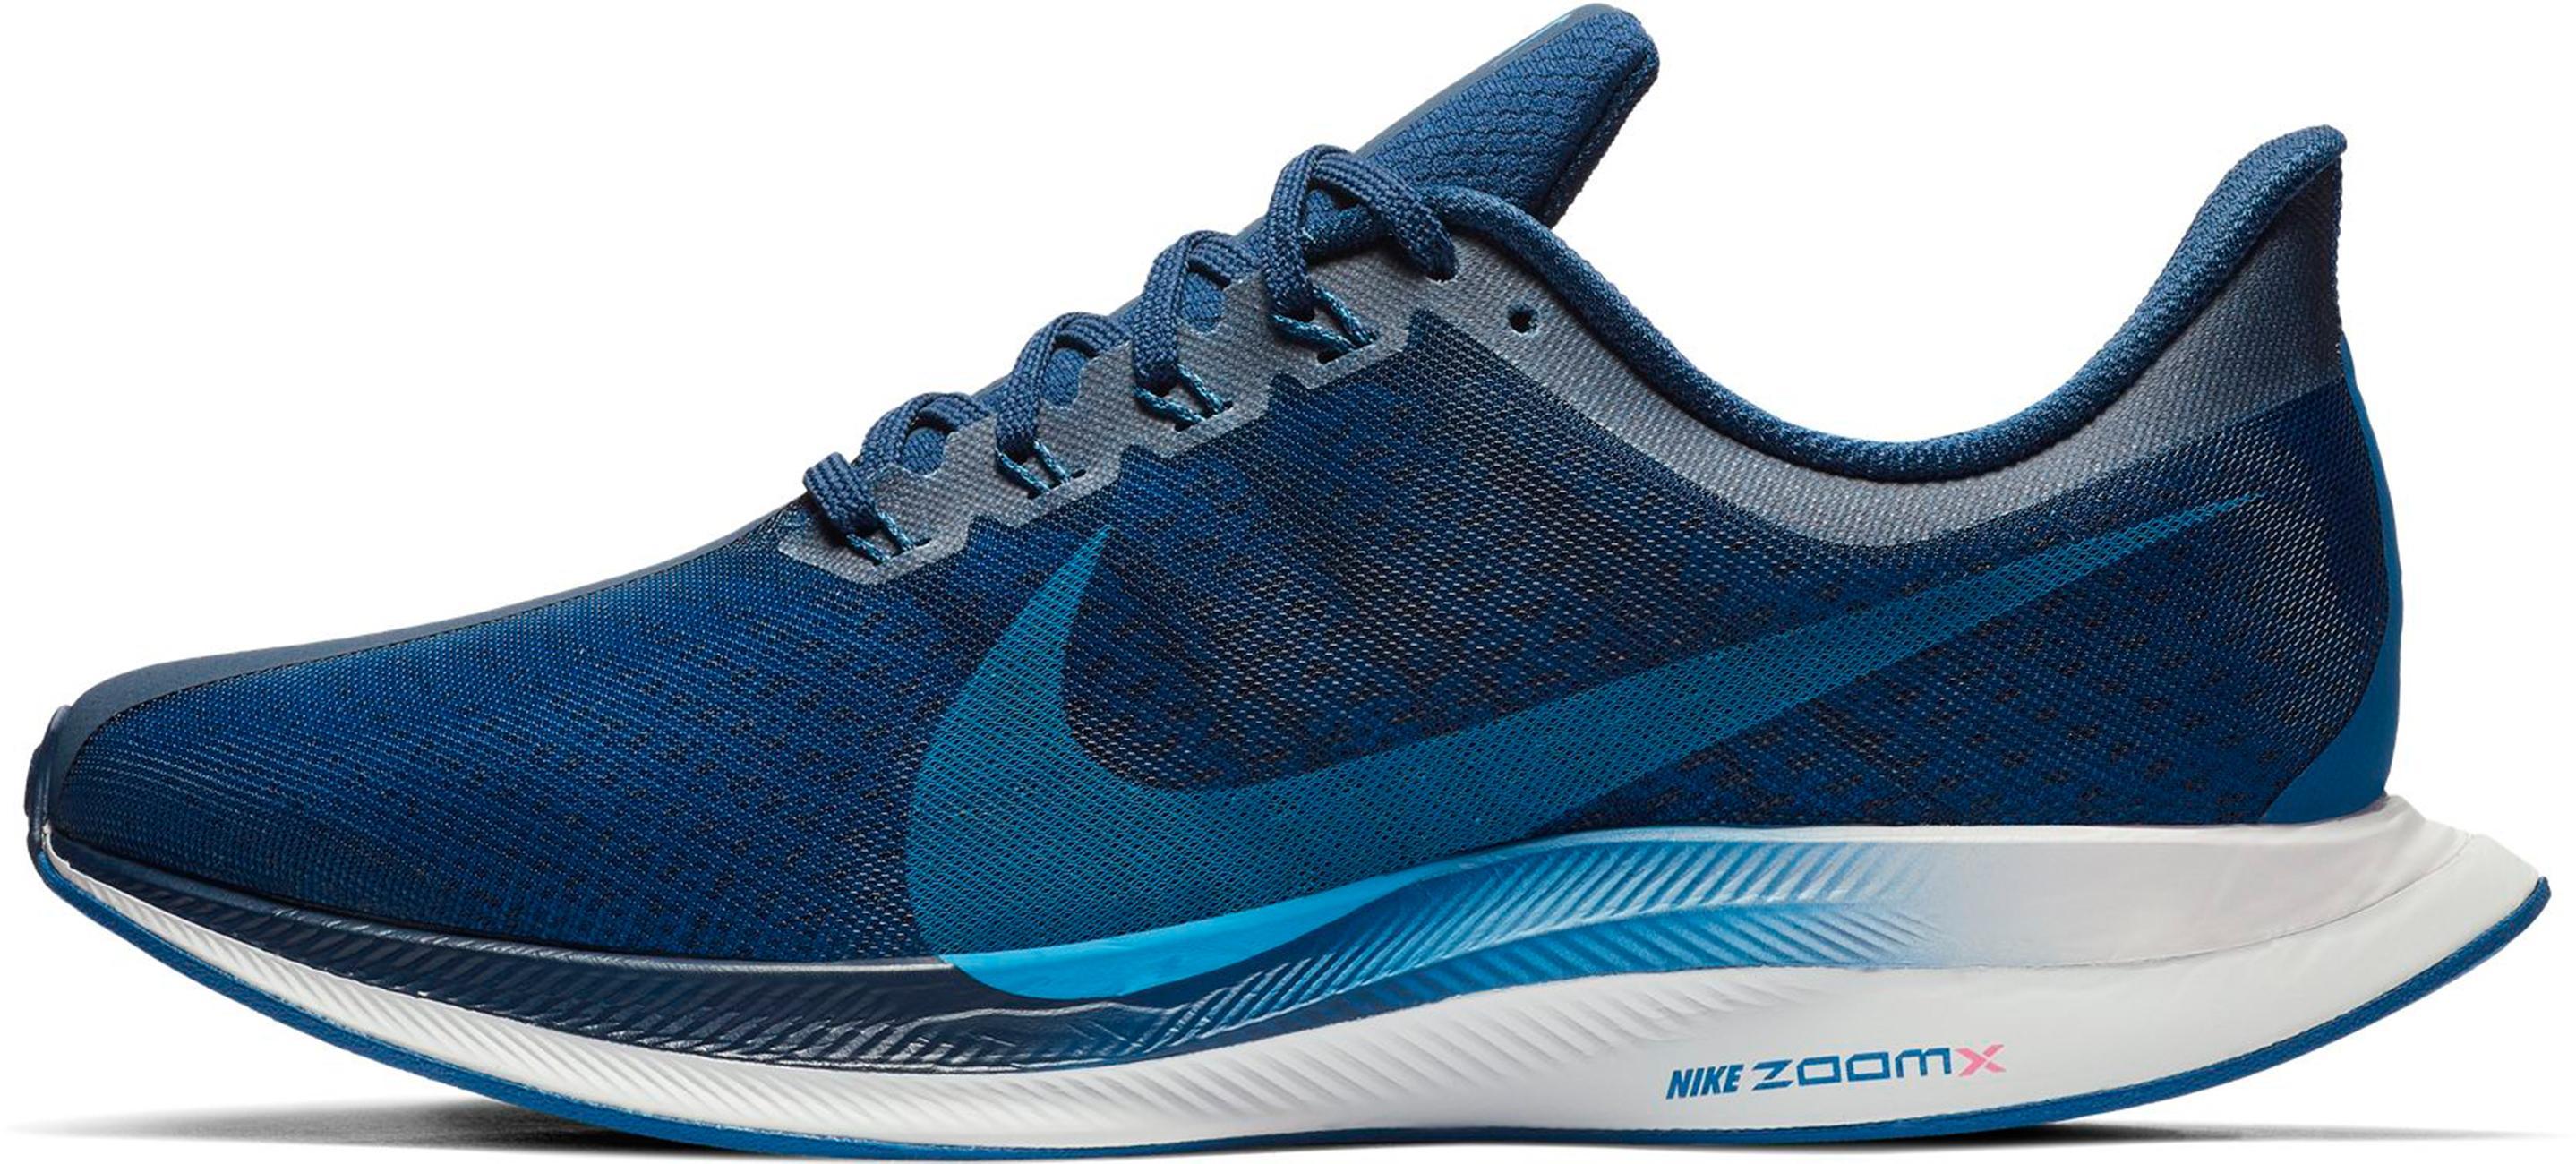 c42cd0fc09b7c8 Nike ZOOM PEGASUS 35 TURBO TURBO TURBO Laufschuhe Herren indigo force-photo  Blau-Blau void-rot orbit-Weiß im Online Shop von SportScheck kaufen Gute ...